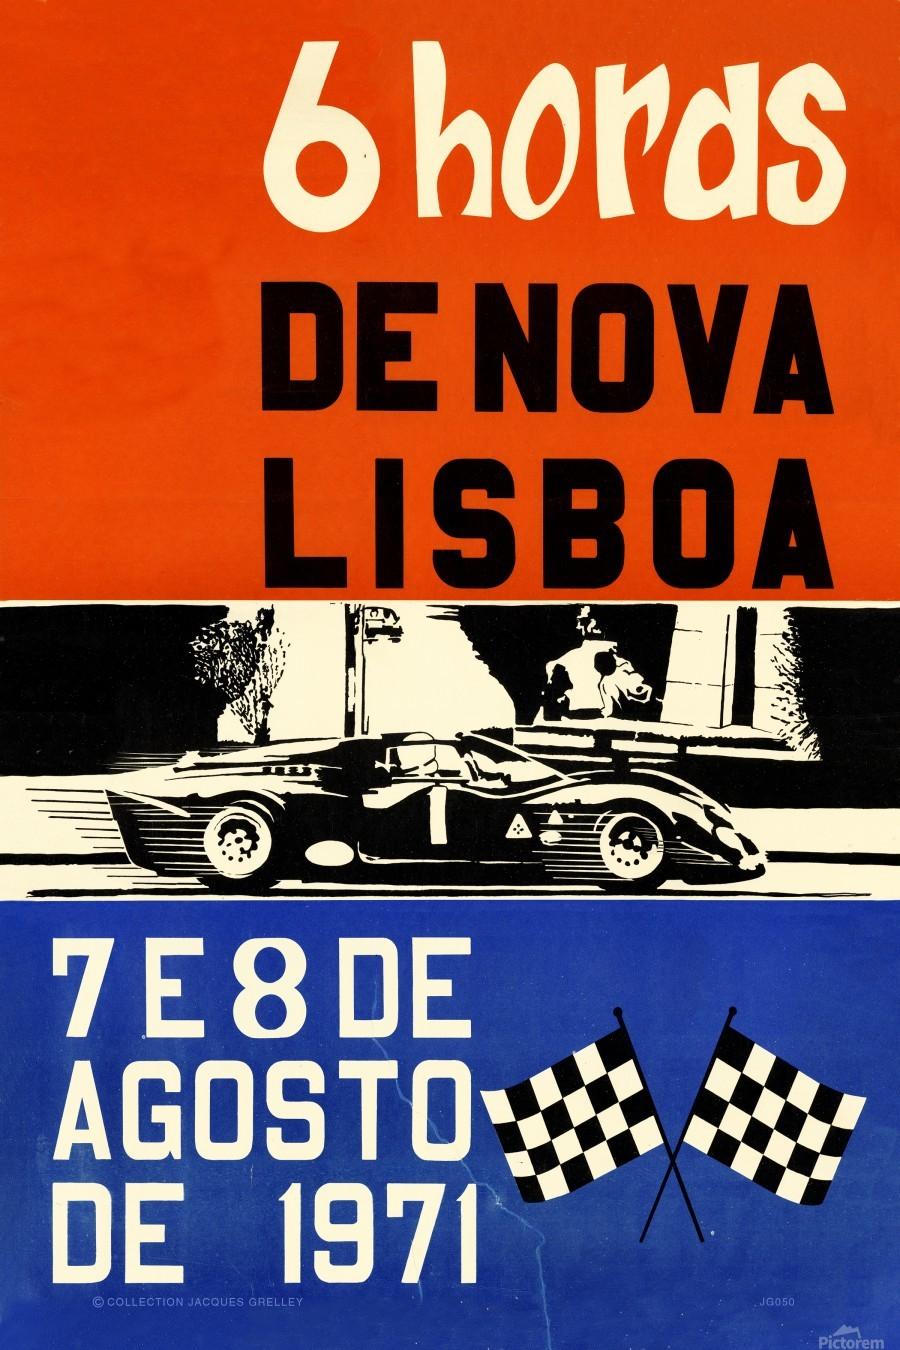 6 Hords De Nova Lisboa Huambo 1971  Print